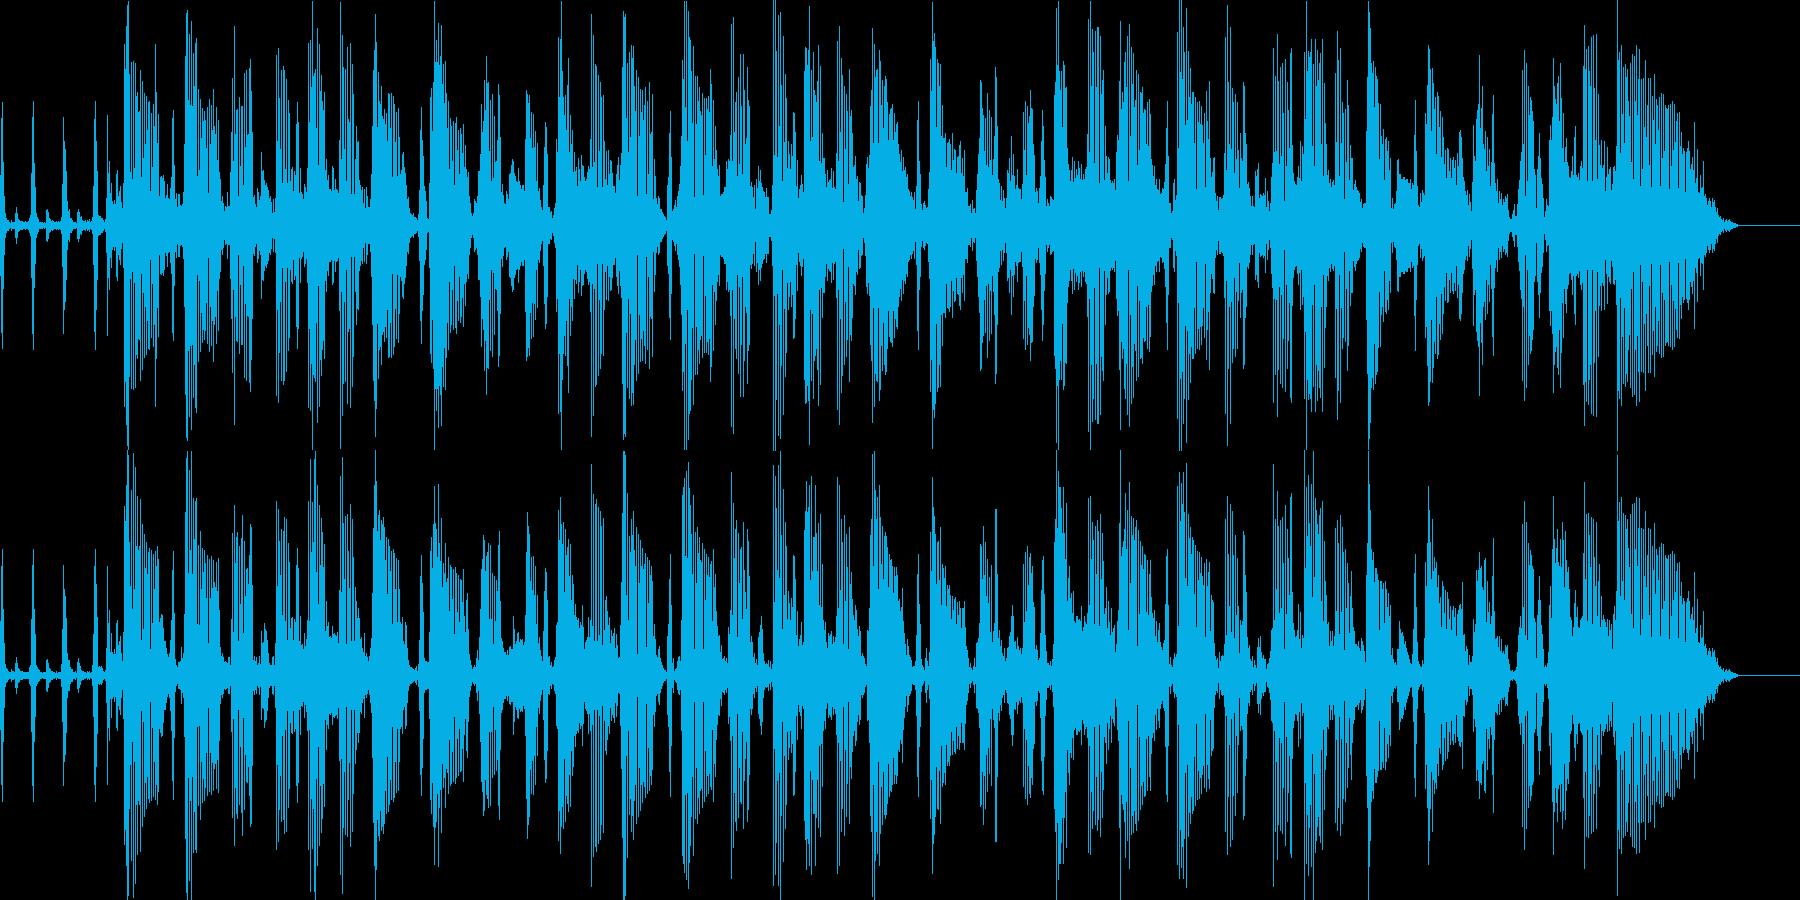 ポップスのBGMの再生済みの波形